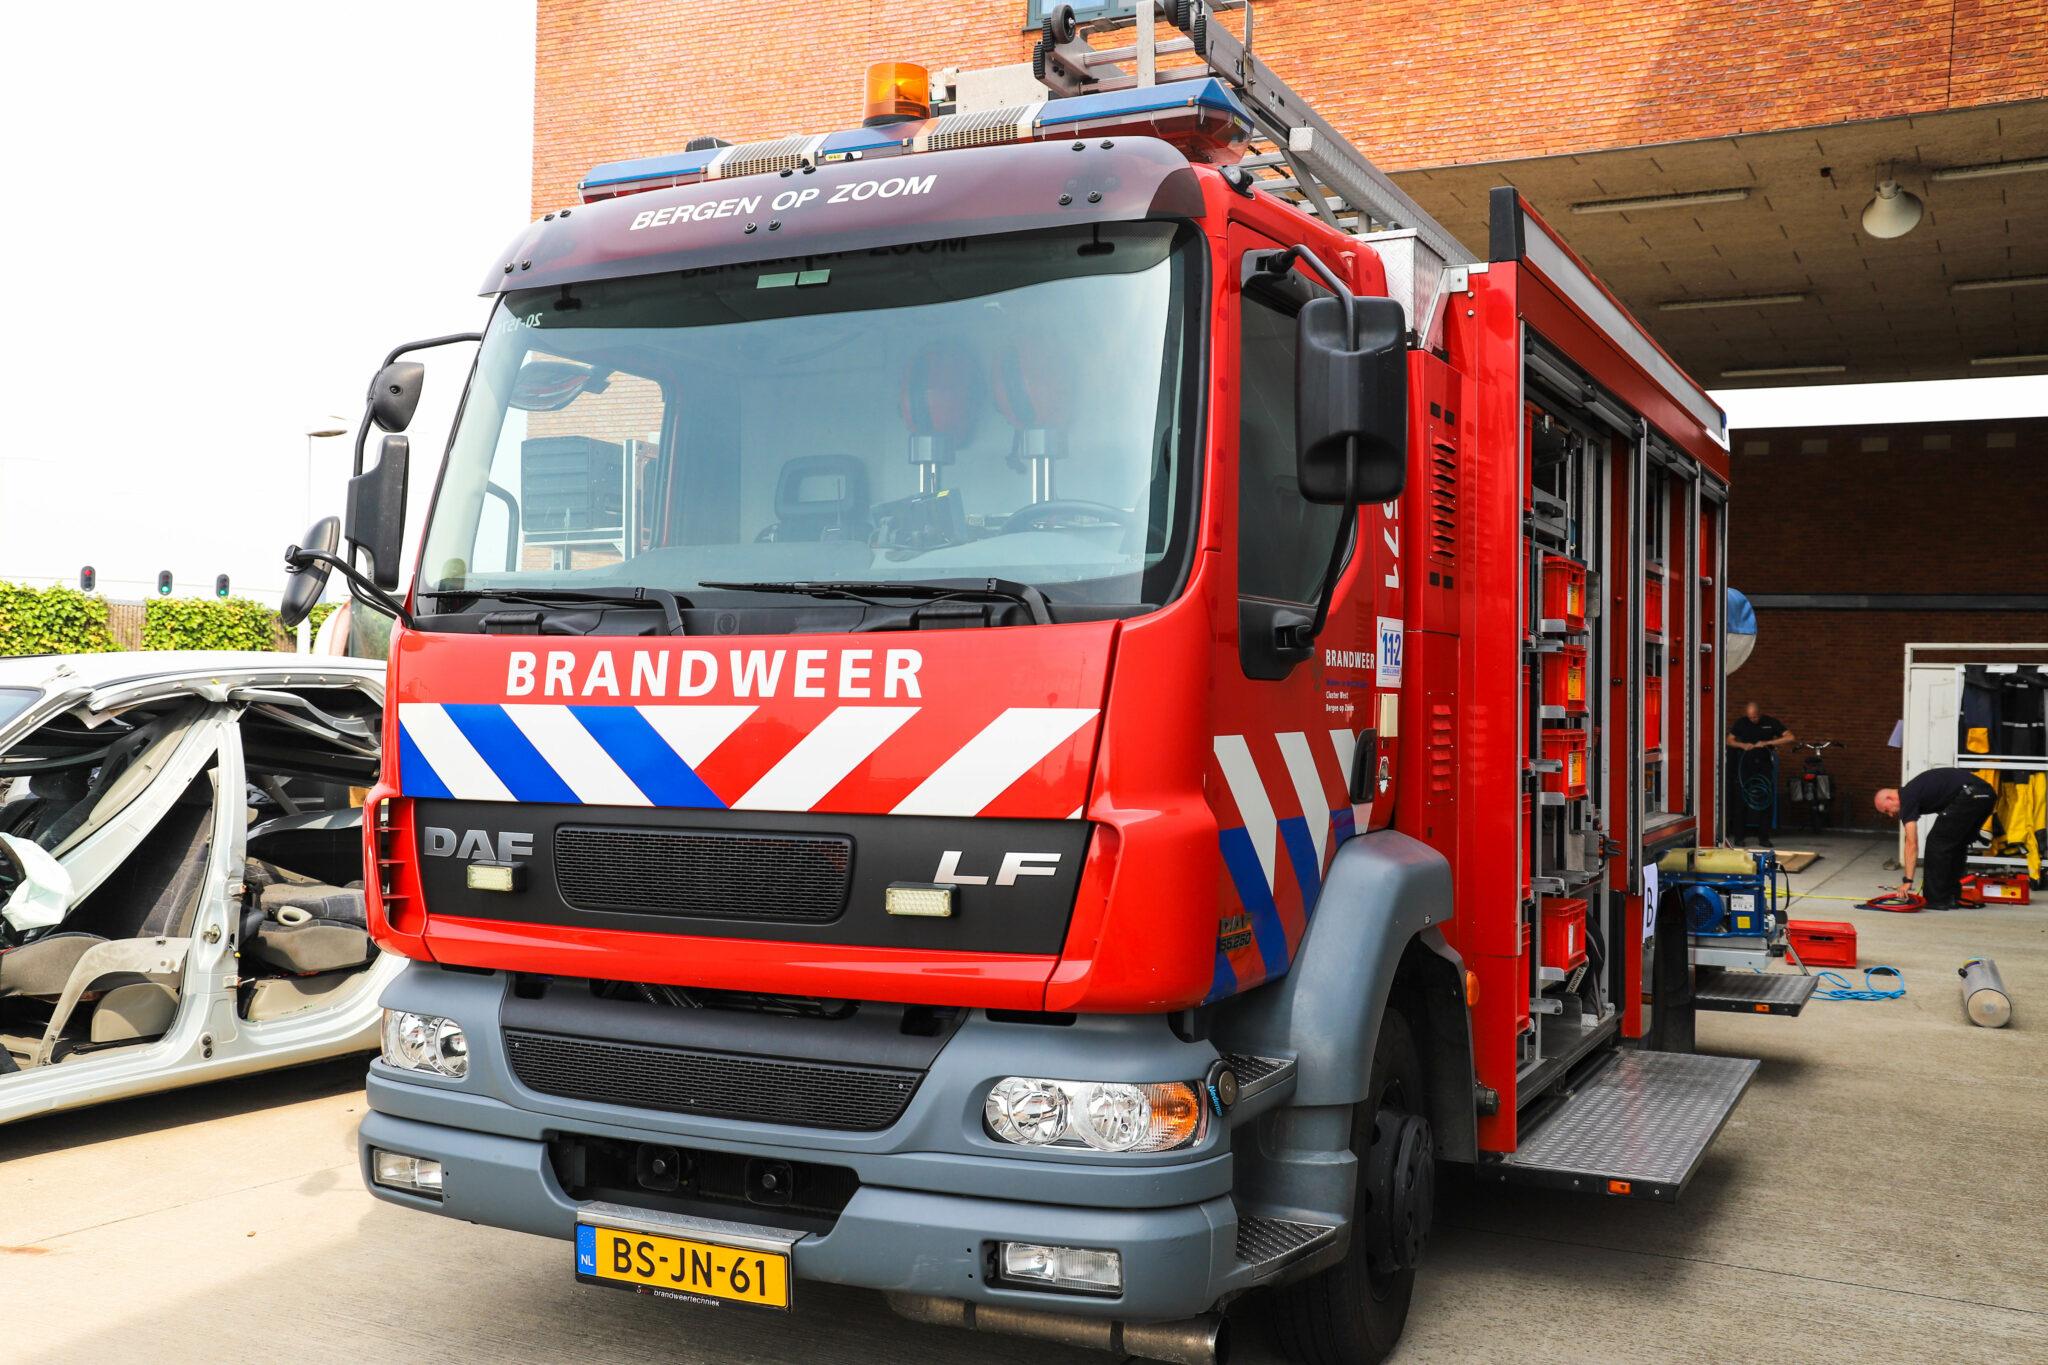 telefoonnummer brandweer Veiligheidsregio Midden- en West-Brabant Brandweer brandweerwagen vuur brand bergen op zoom